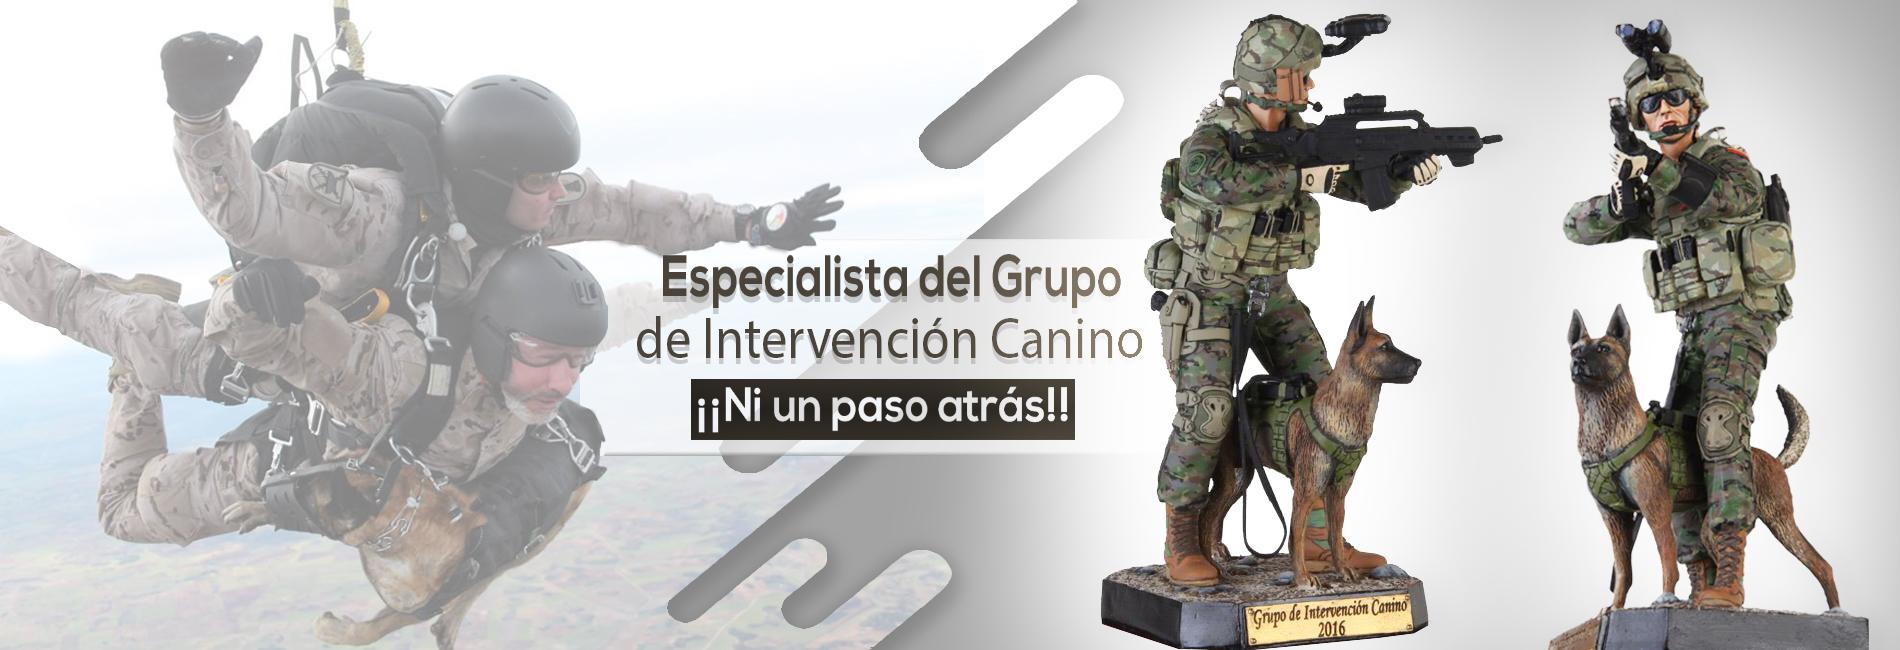 Grupo de Intervención Canino